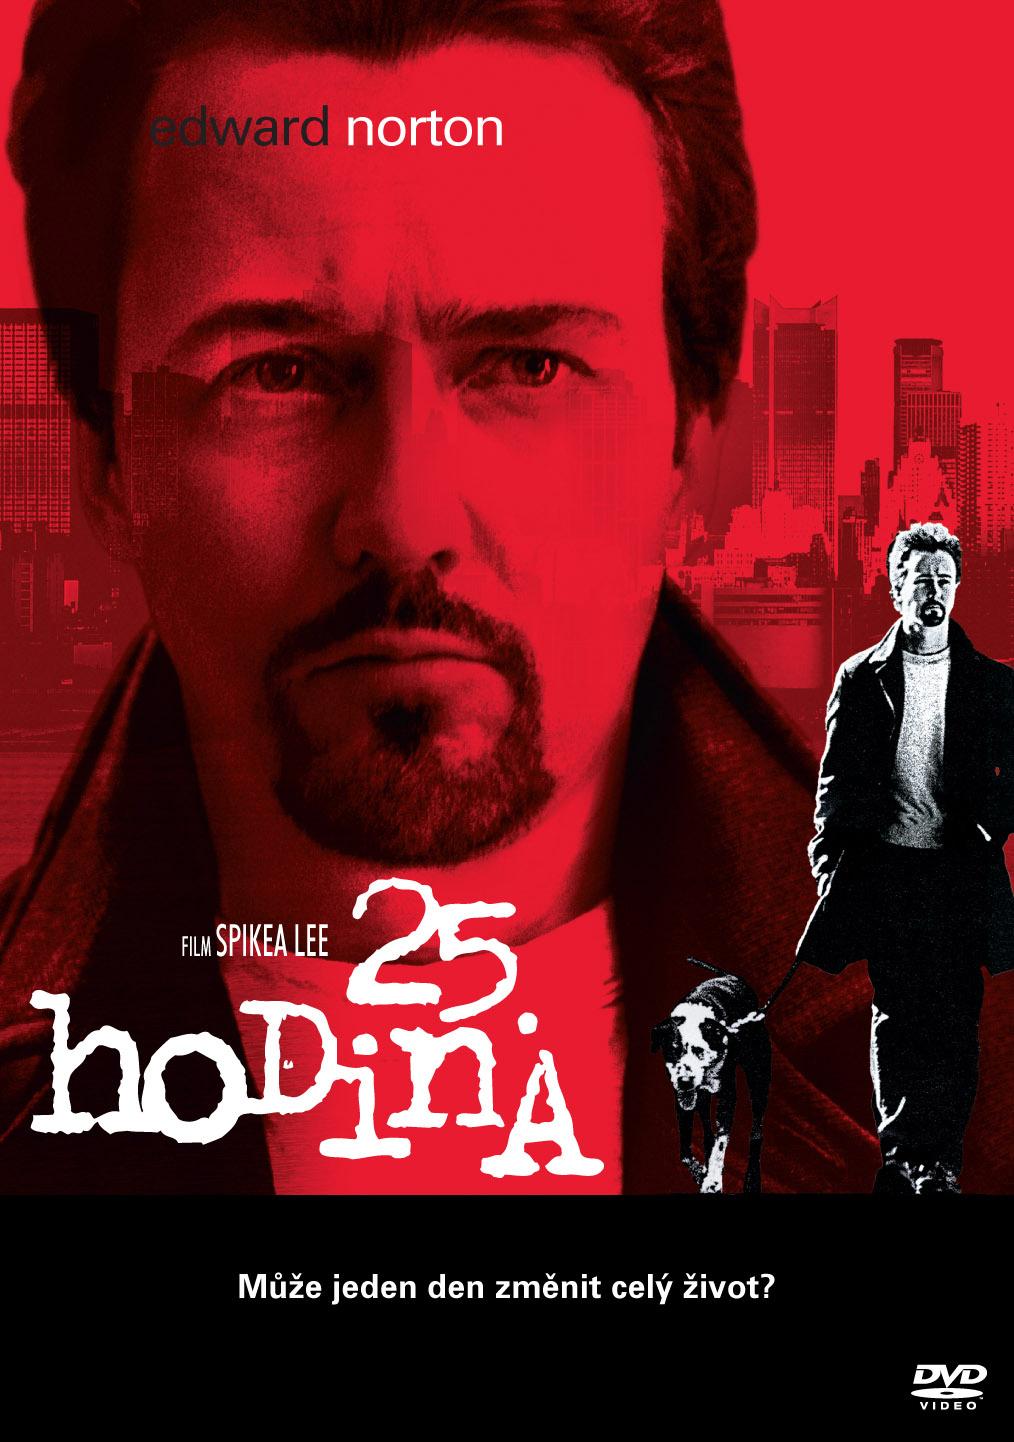 Film 25. hodina ke stažení - Film 25. hodina download